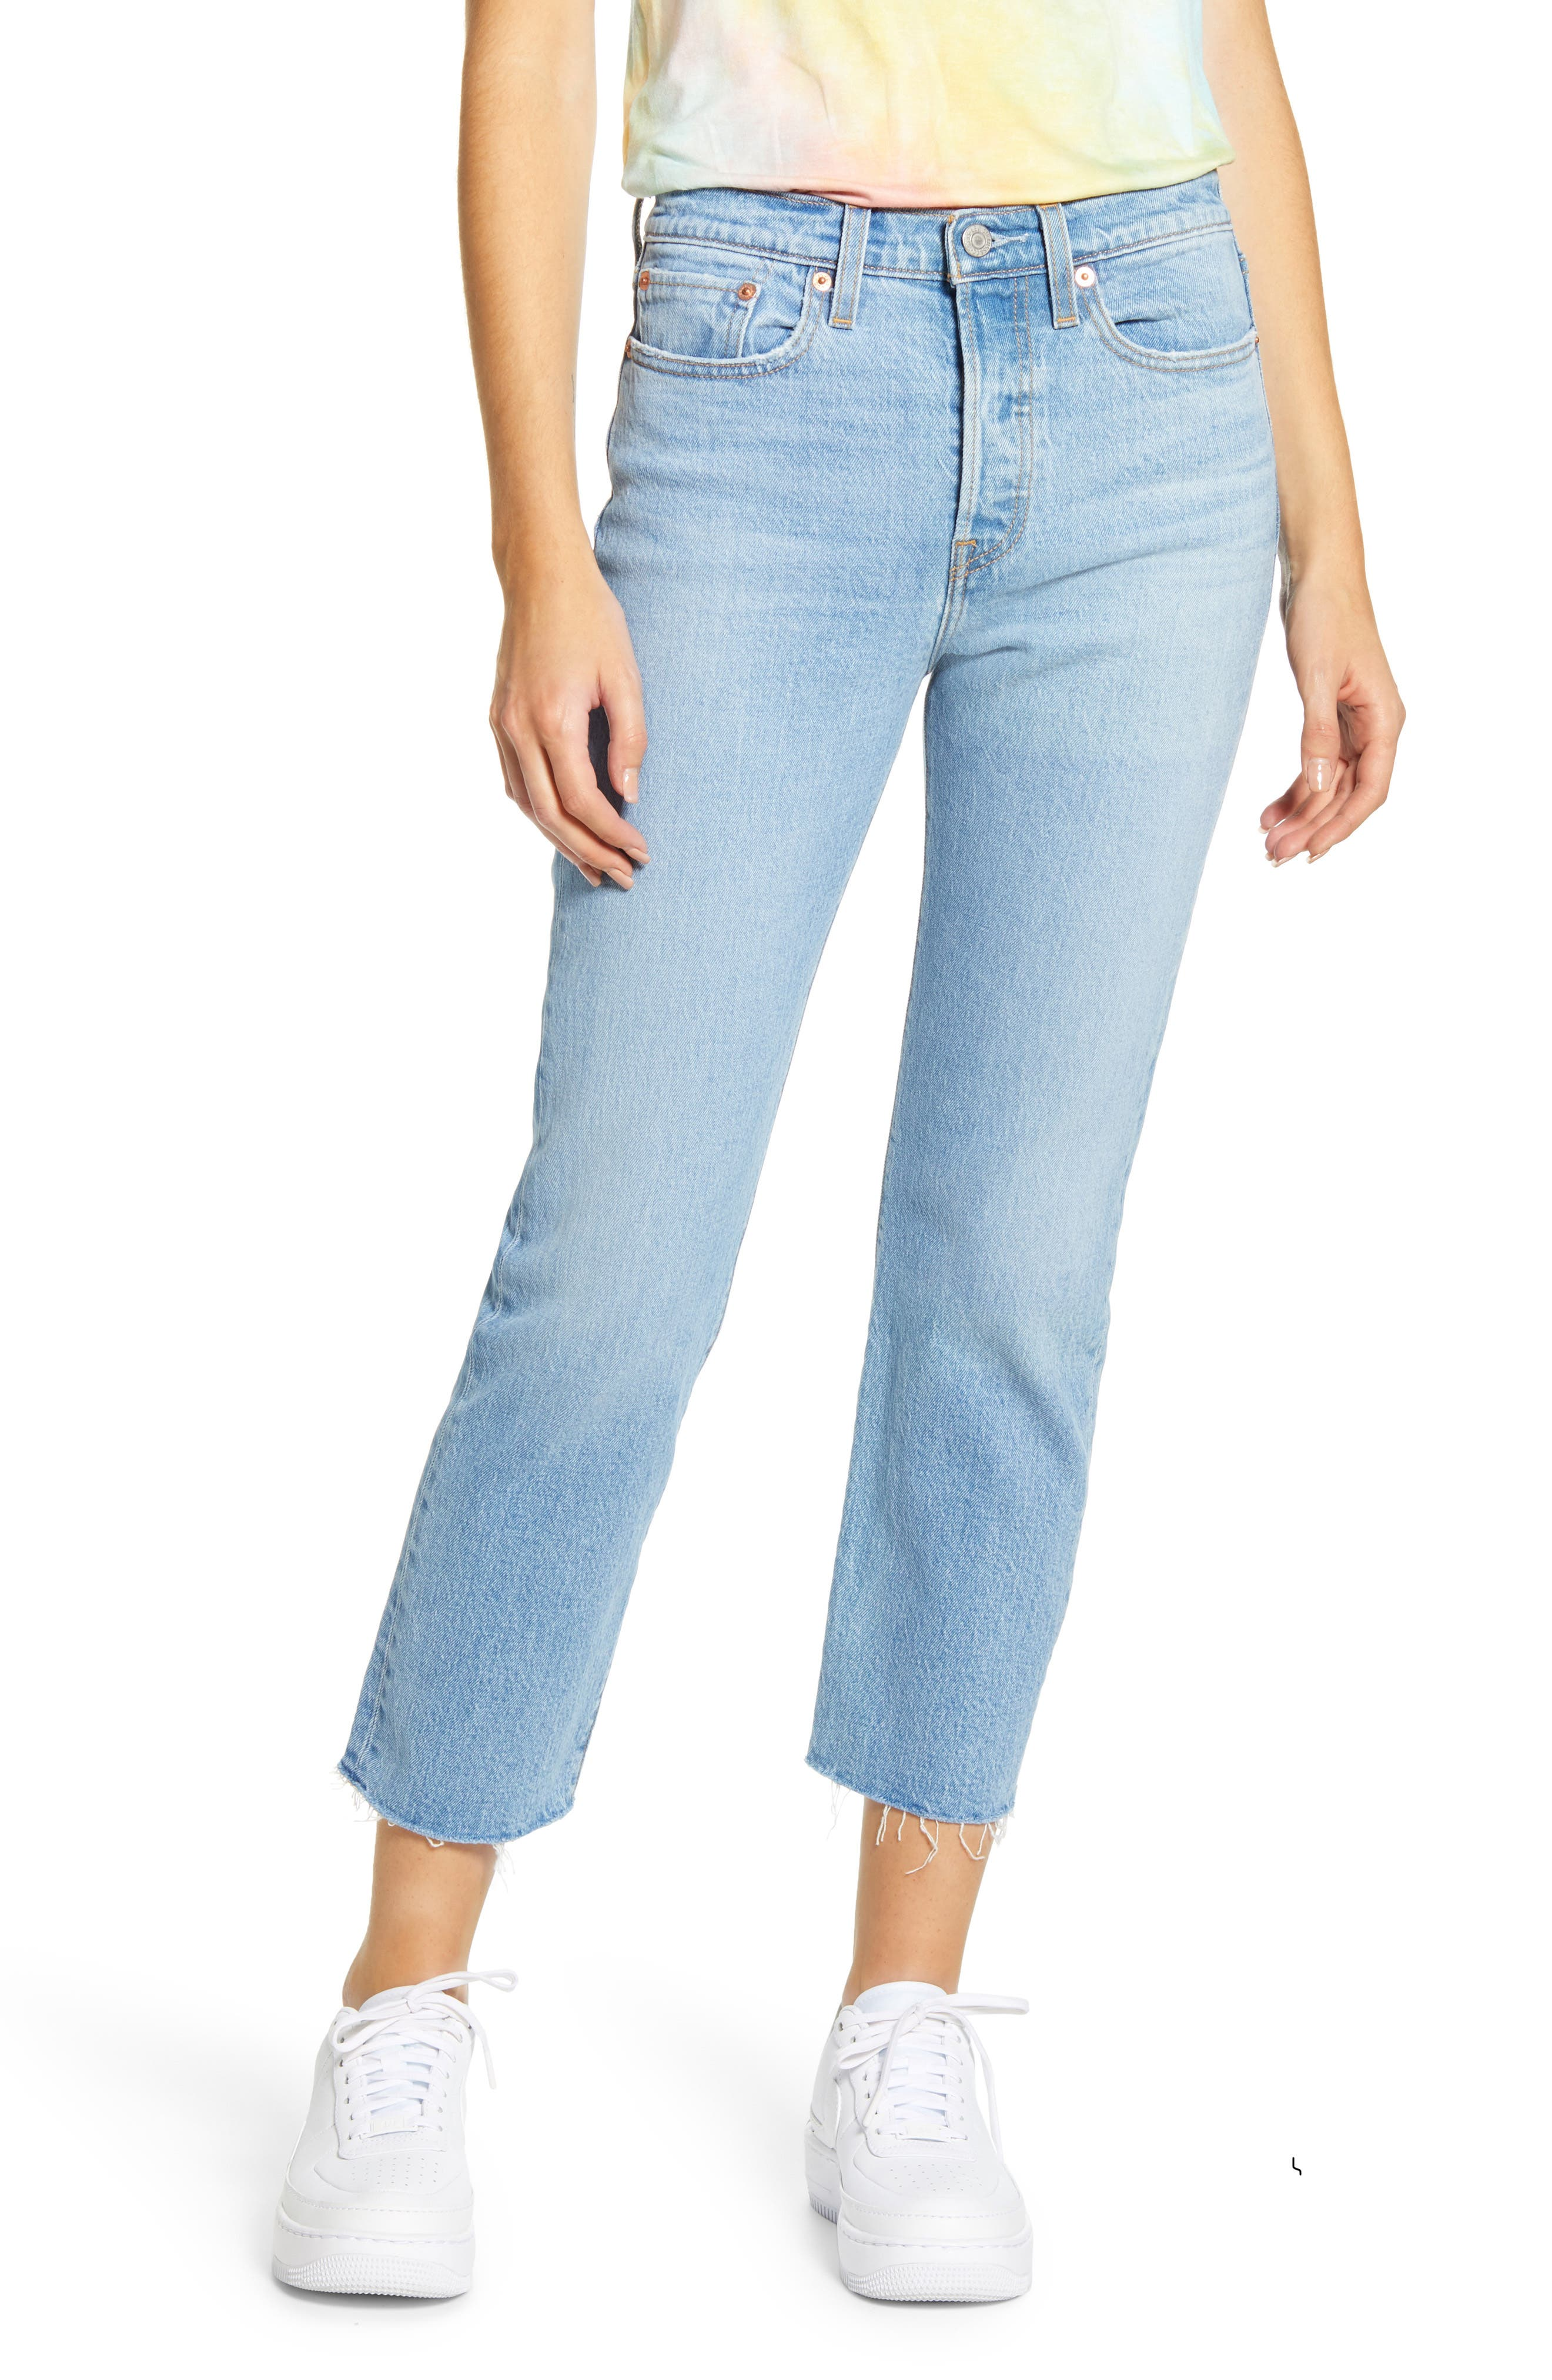 Women's Levi's Wedgie High Waist Raw Hem Straight Leg Jeans,  26 x 26 - Blue